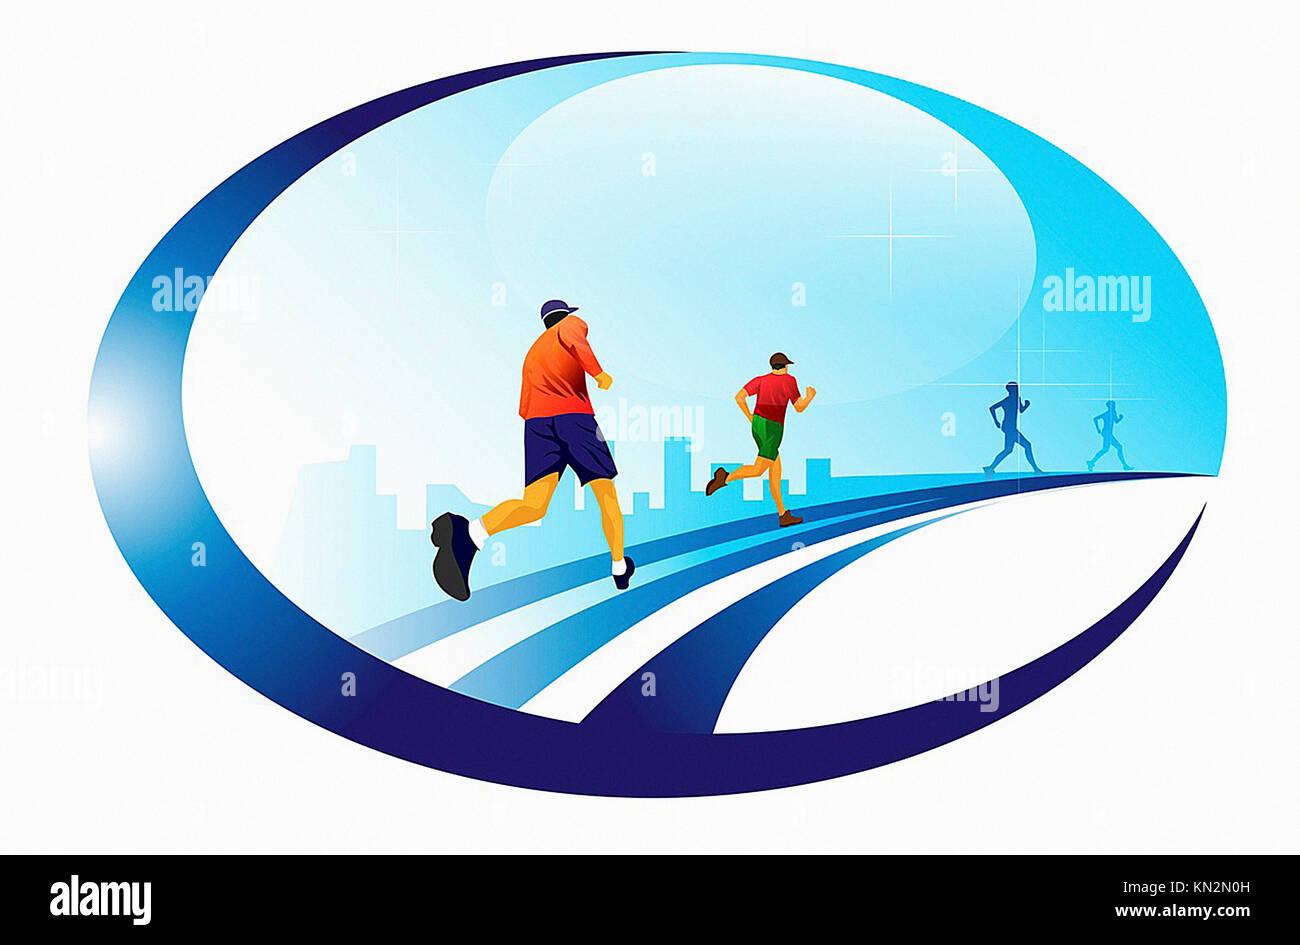 La course, 4 coureurs homme vector illustration Photo Stock